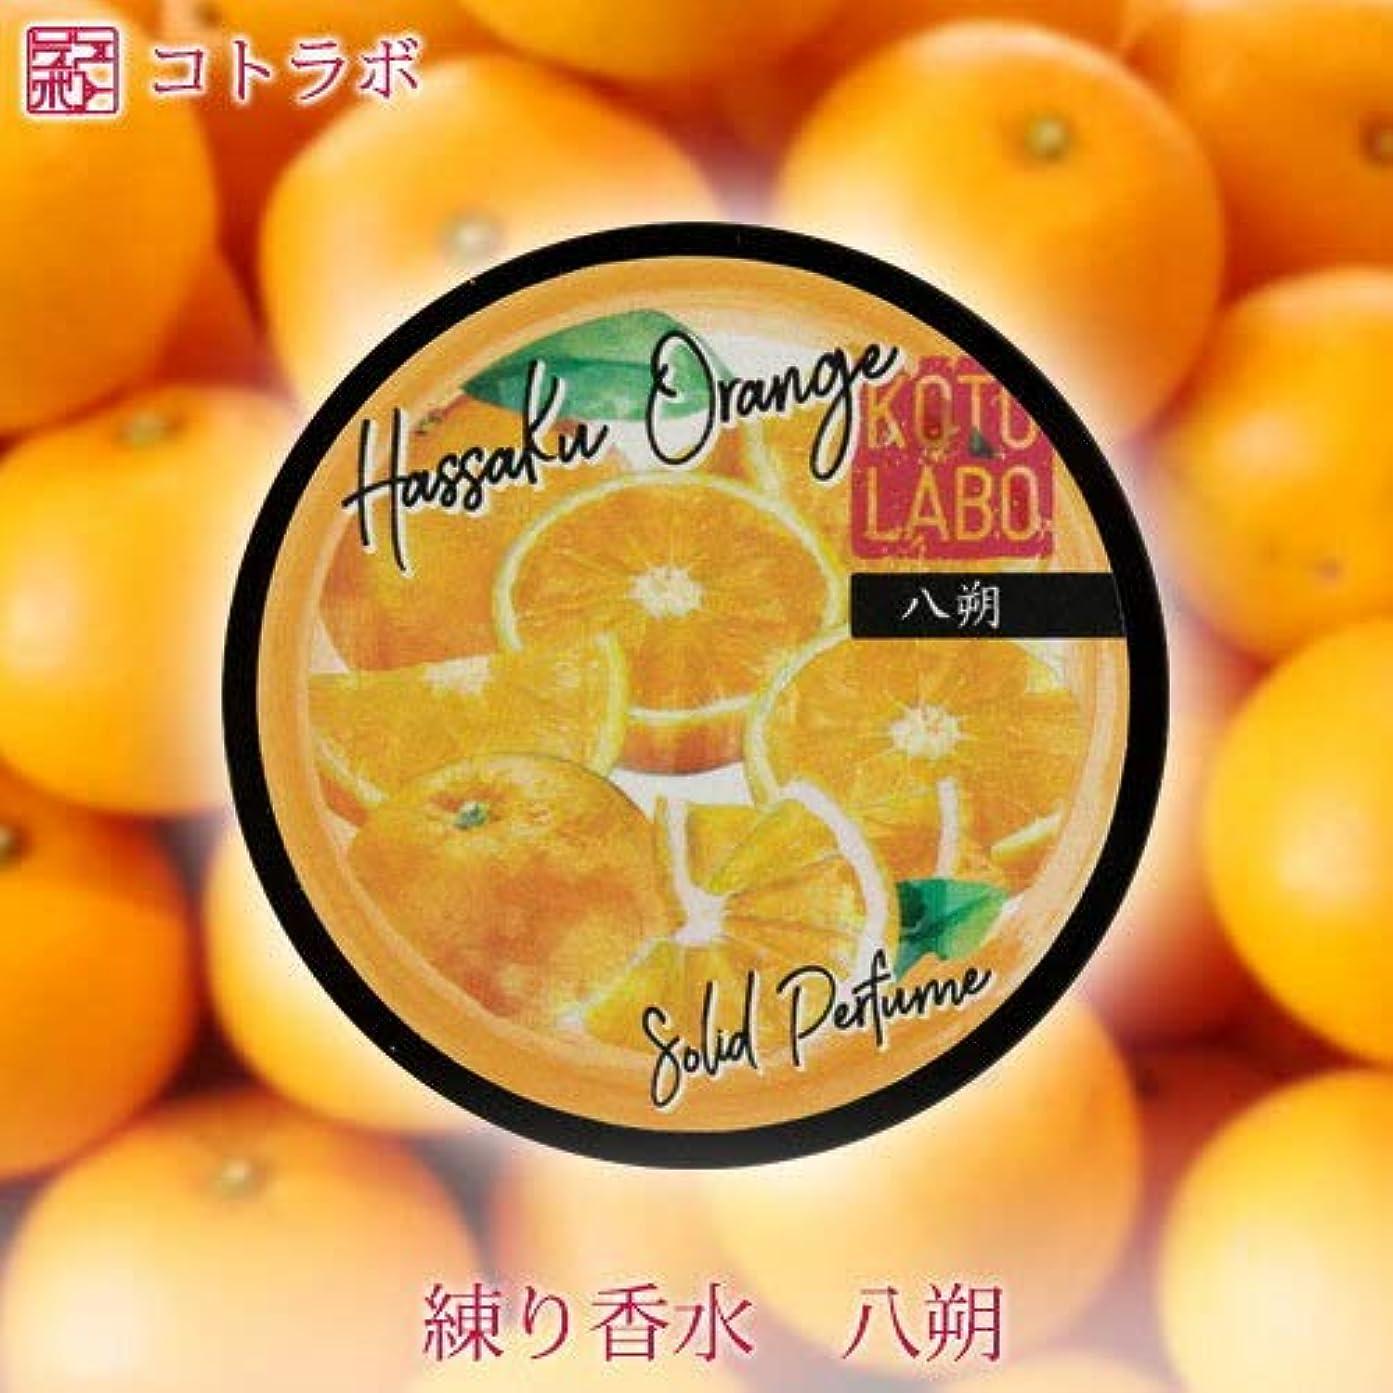 道に迷いましたもちろん首謀者コトラボ練り香水京都謹製八朔(はっさく)の香りソリッドパフュームKotolabo solid perfume, Hassaku orange